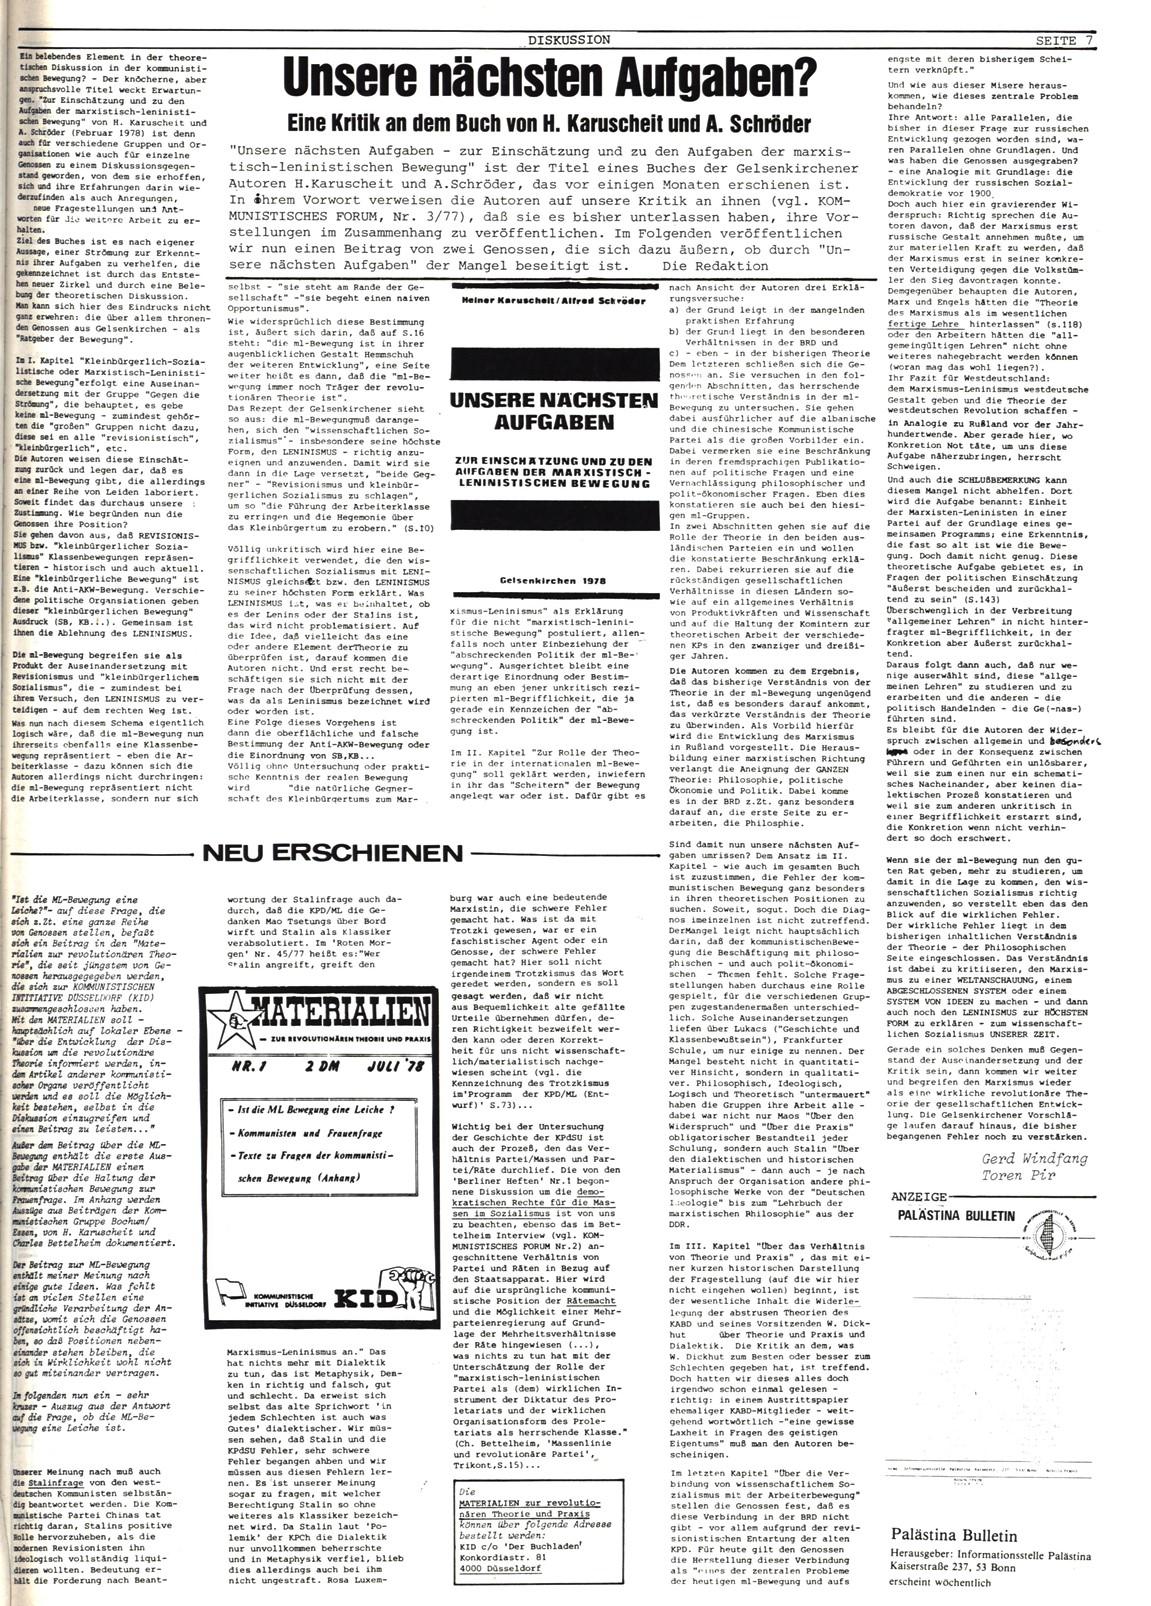 Bonner_Volksblatt_16_19780830_07